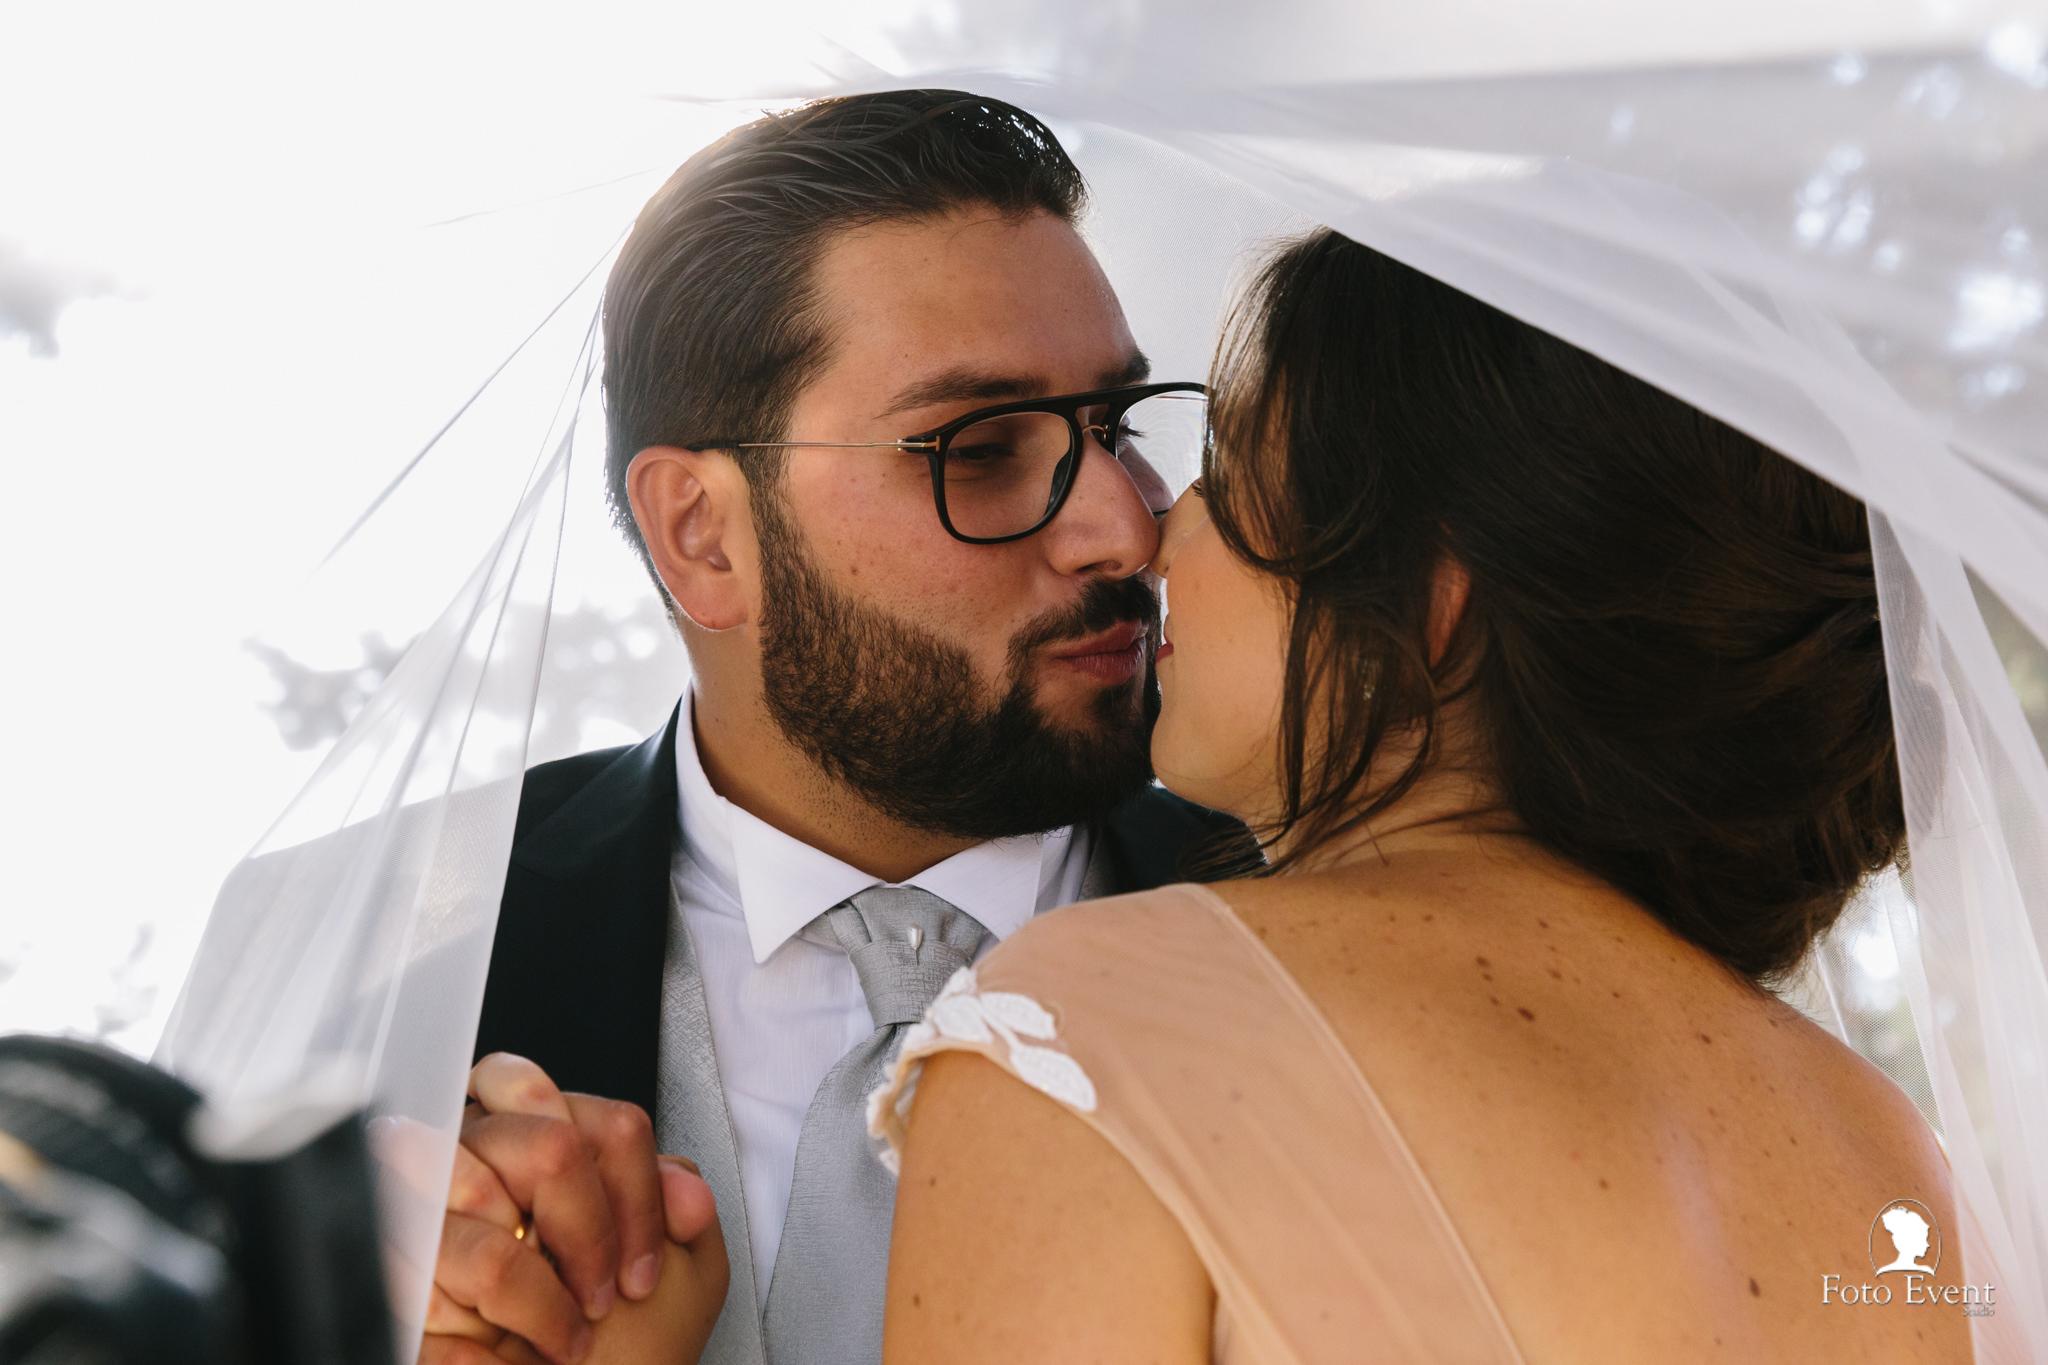 025-2019-09-09-Matrimonio-Dorotea-e-Alberto-Iemmolo-5DE-927